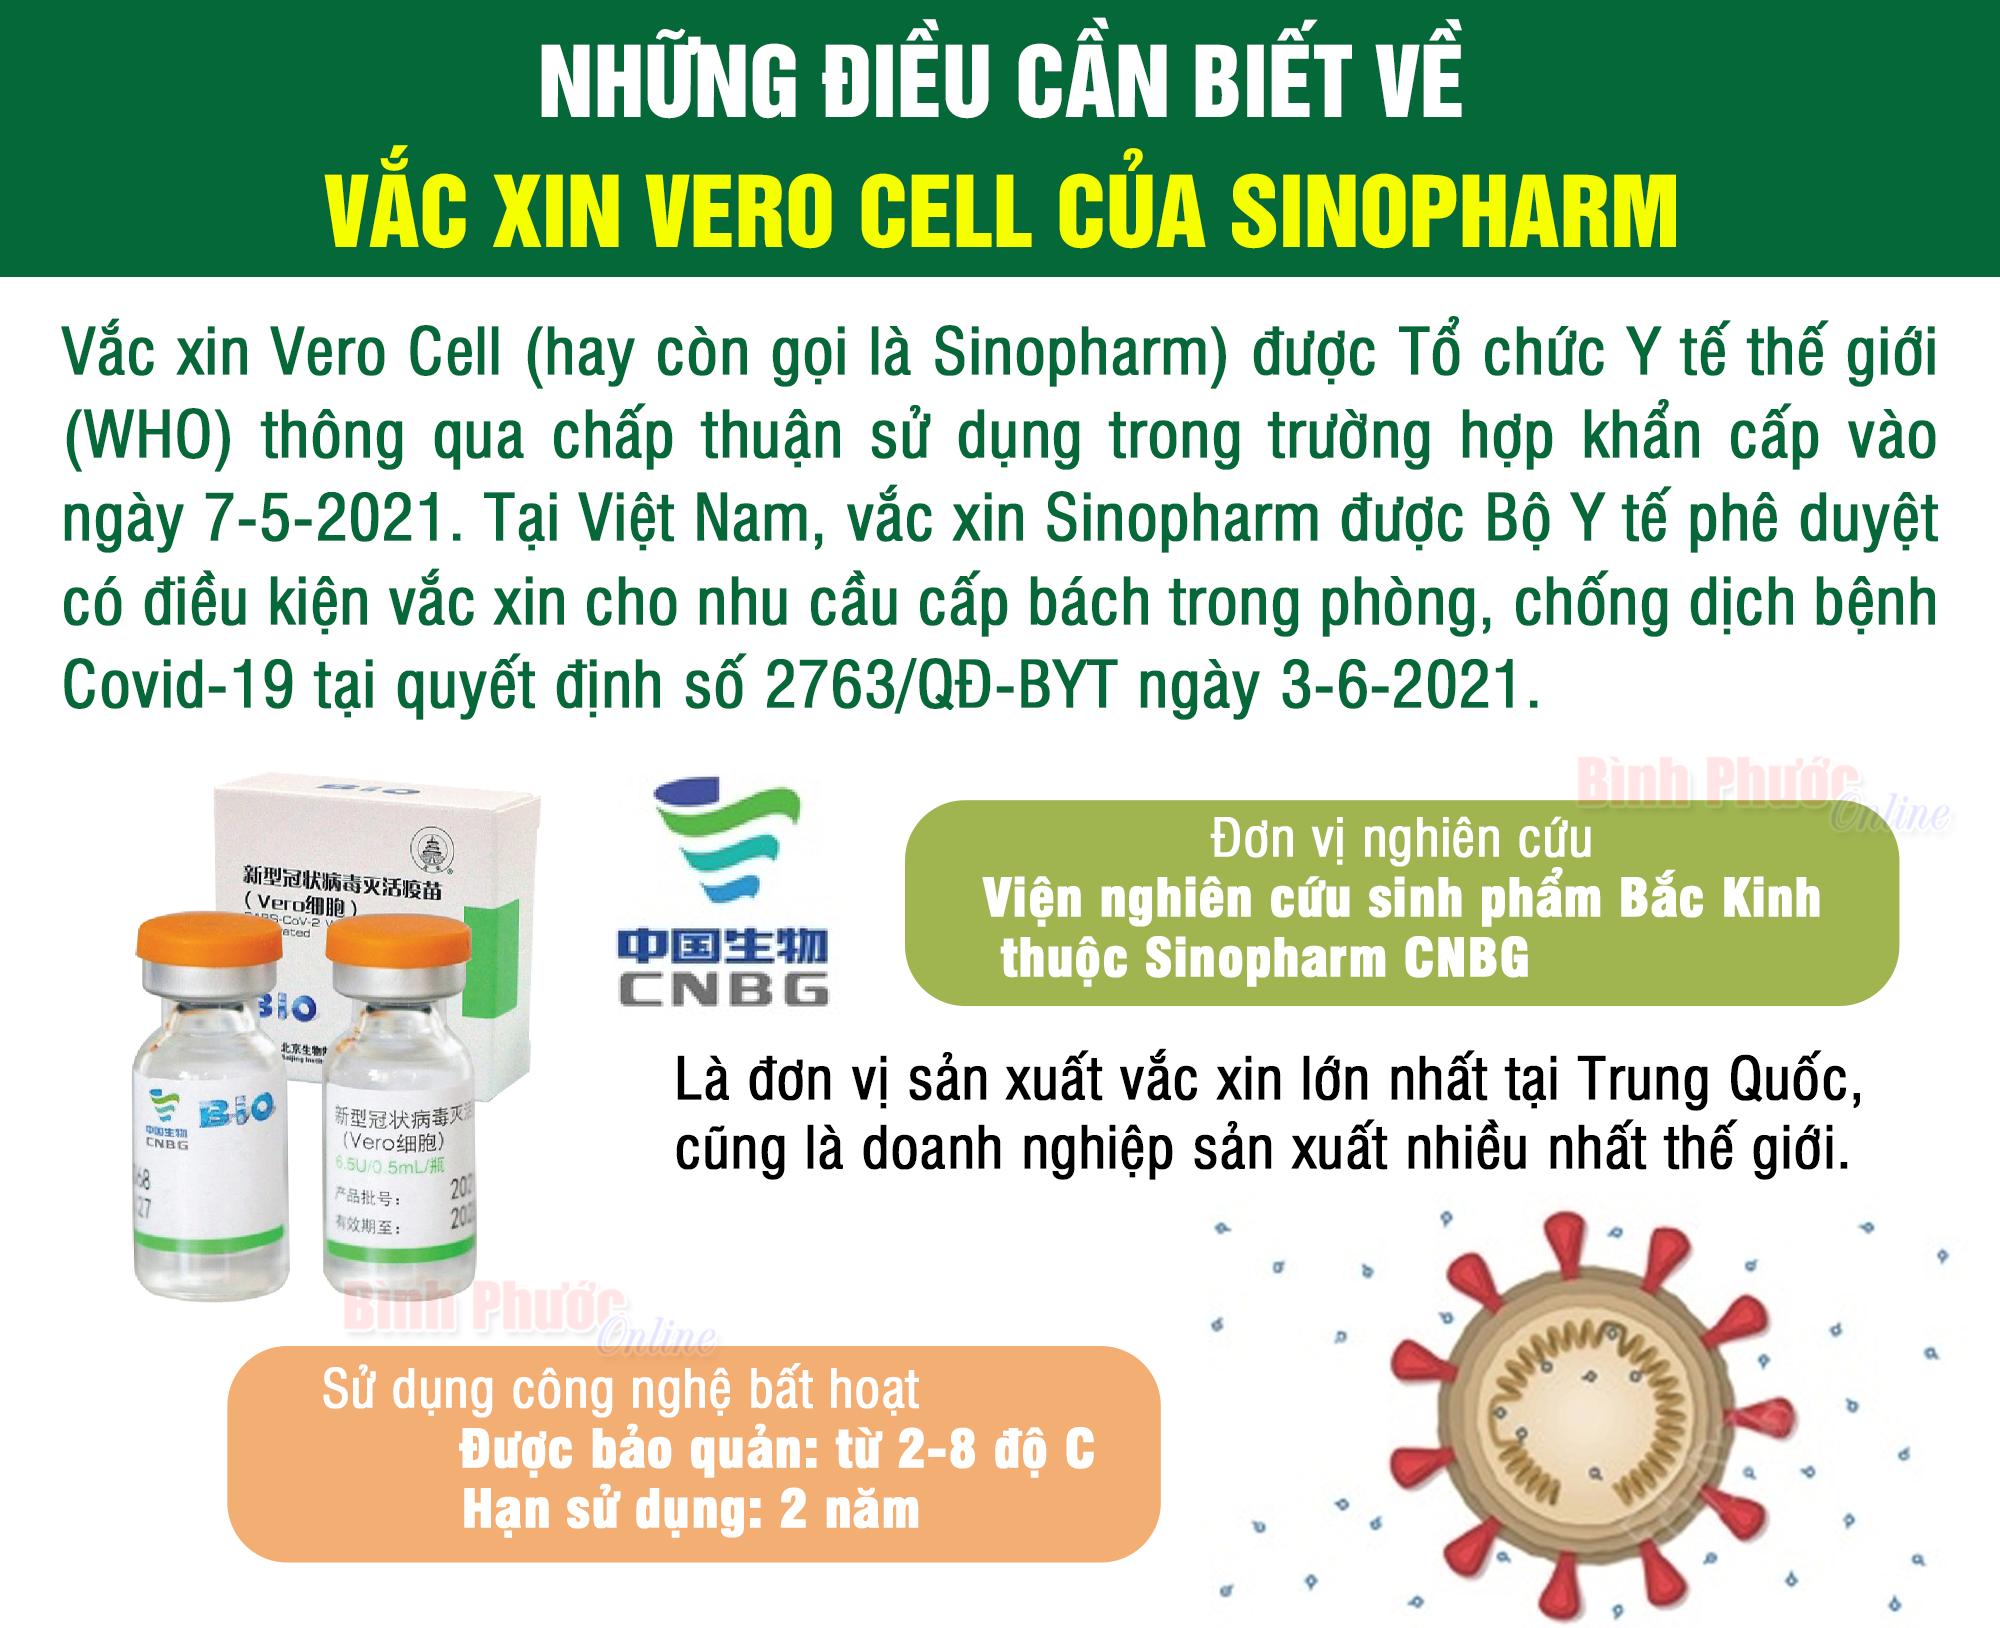 Những điều cần biết về vắc xin Vero Cell của Sinopharm